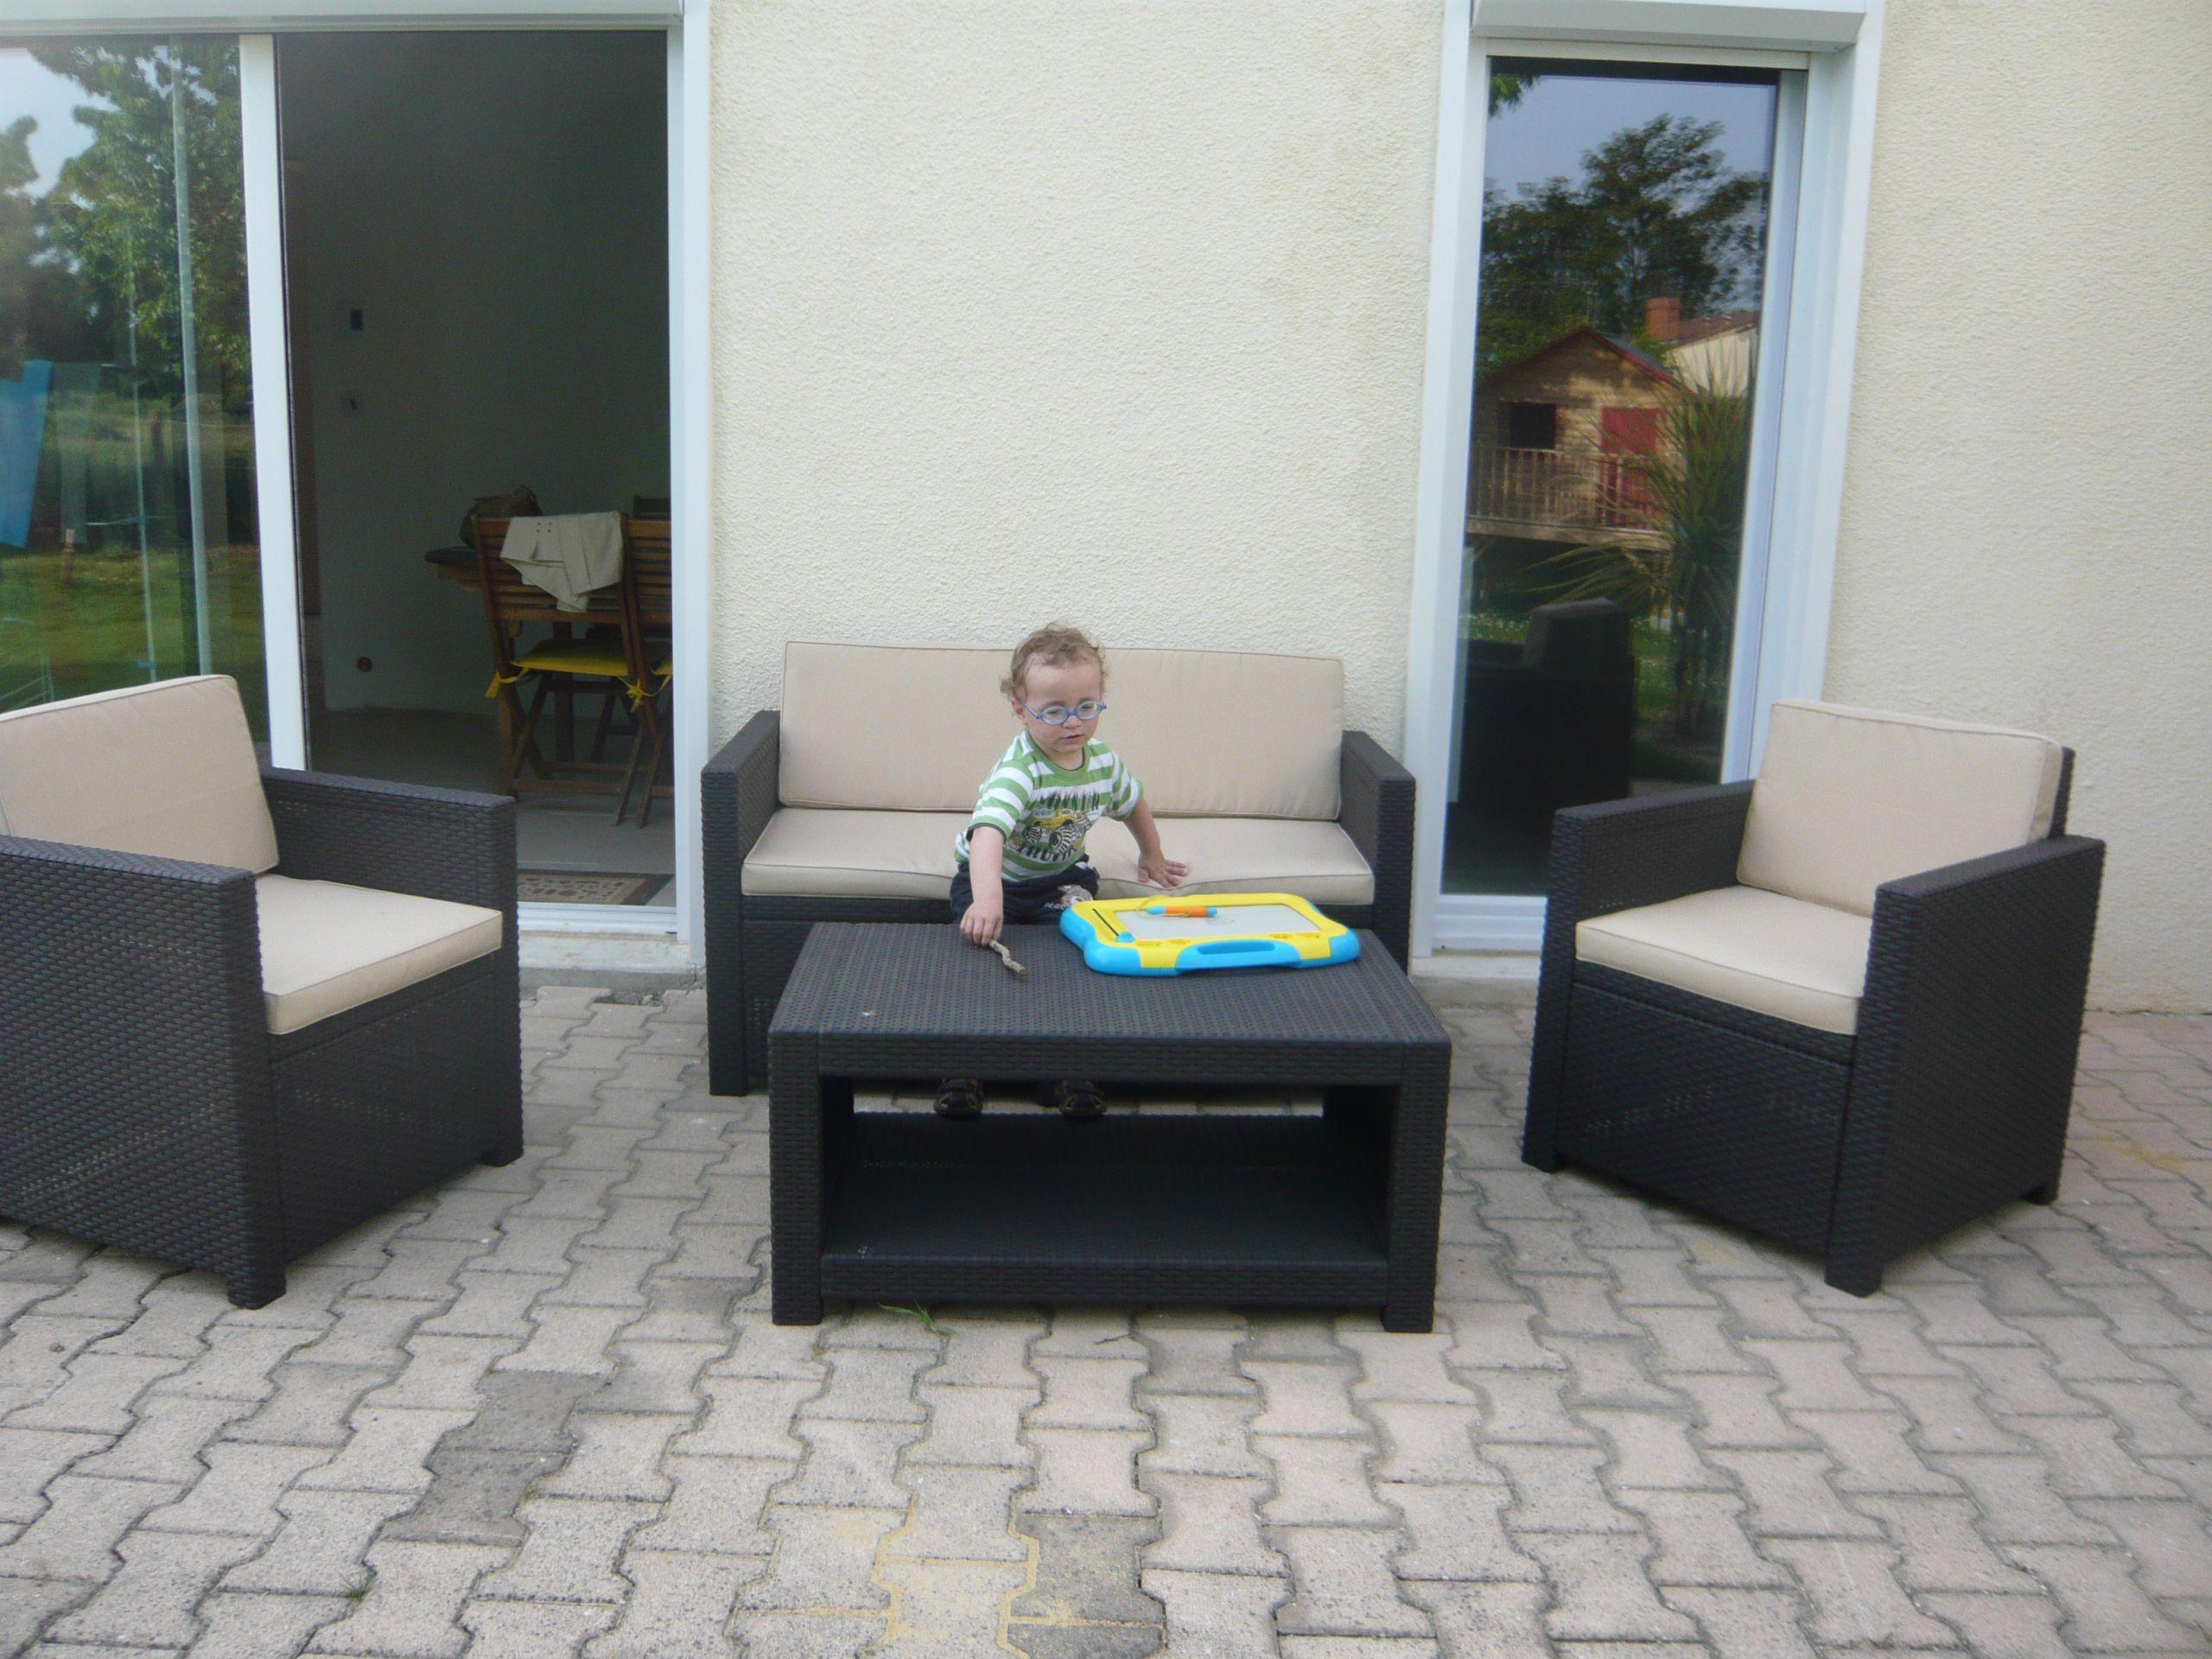 photo leclerc jardinage salon de jardin brillant tabouret leroy merlin photo mobilier jardin leclerc jardinage salon de 9